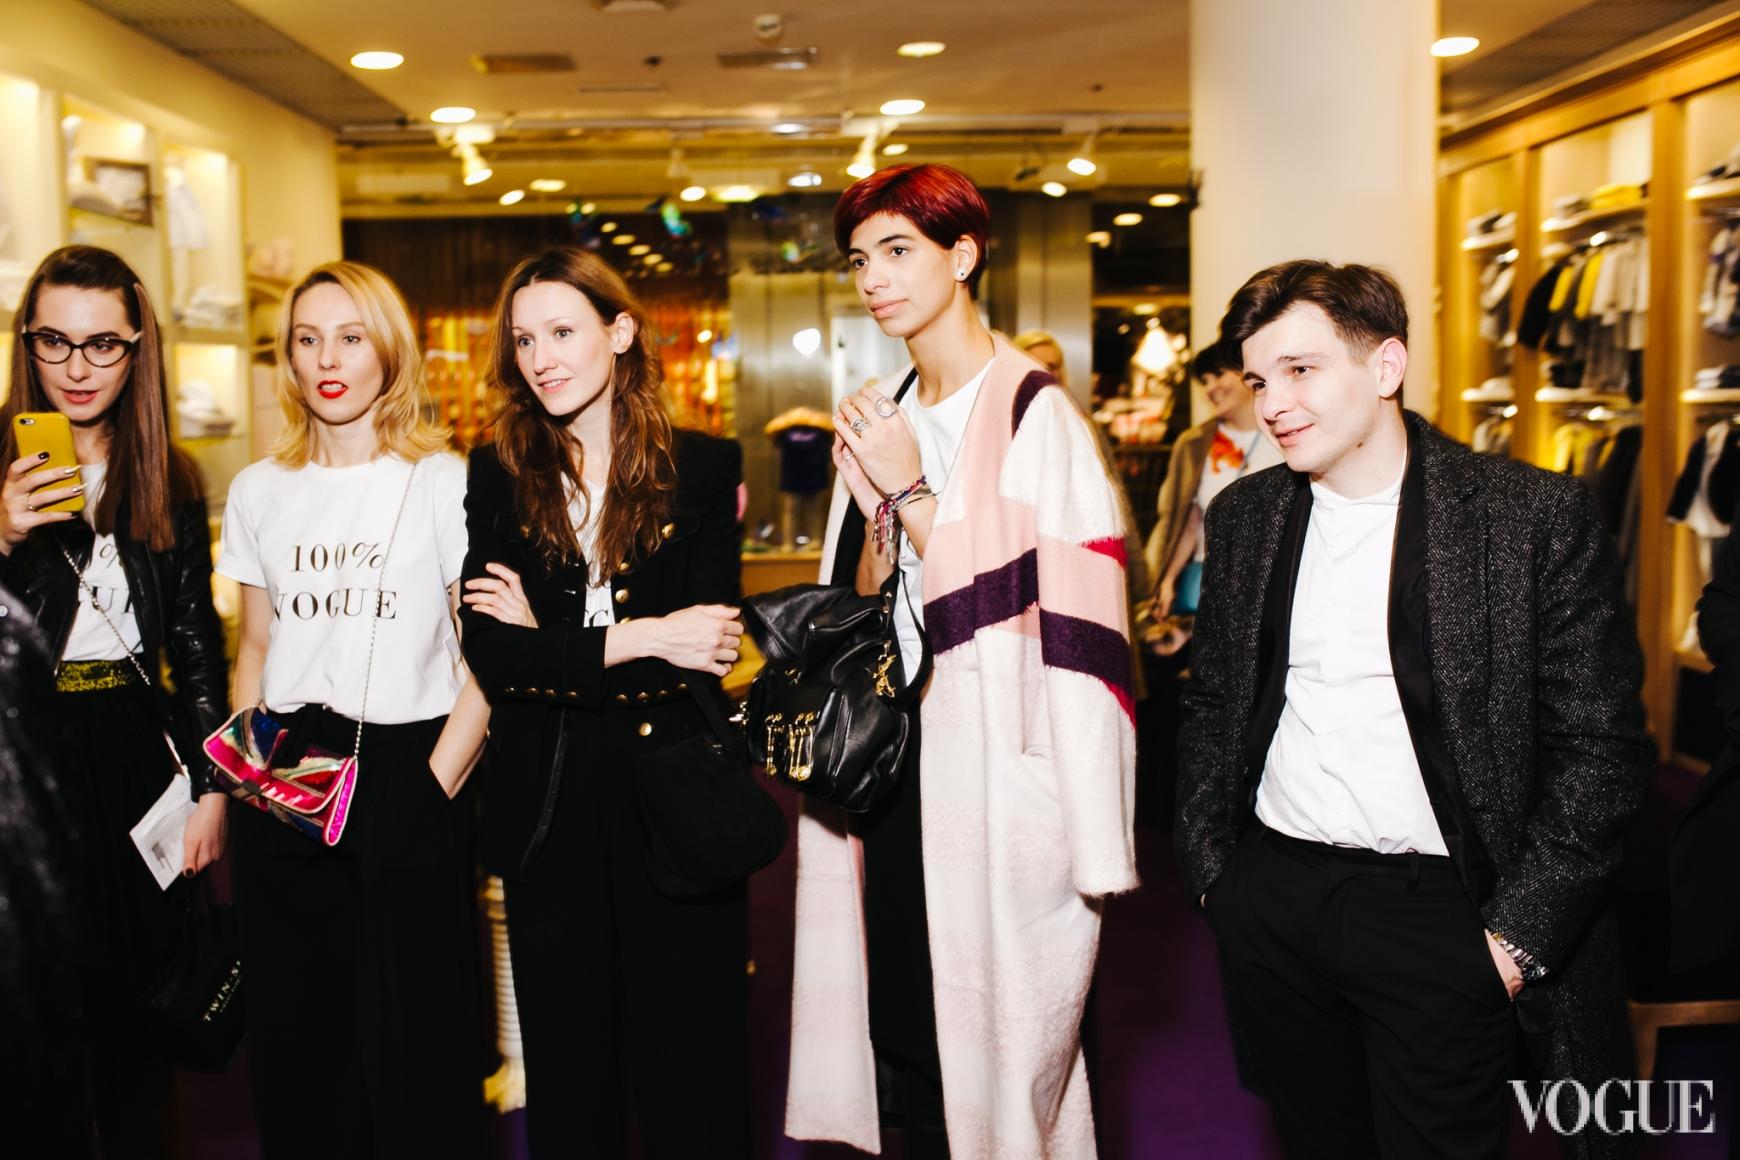 Мария Жданова, Наталья Васюра, Василина Врублевская, Шейна Мирецкая, Сергей Ковалев